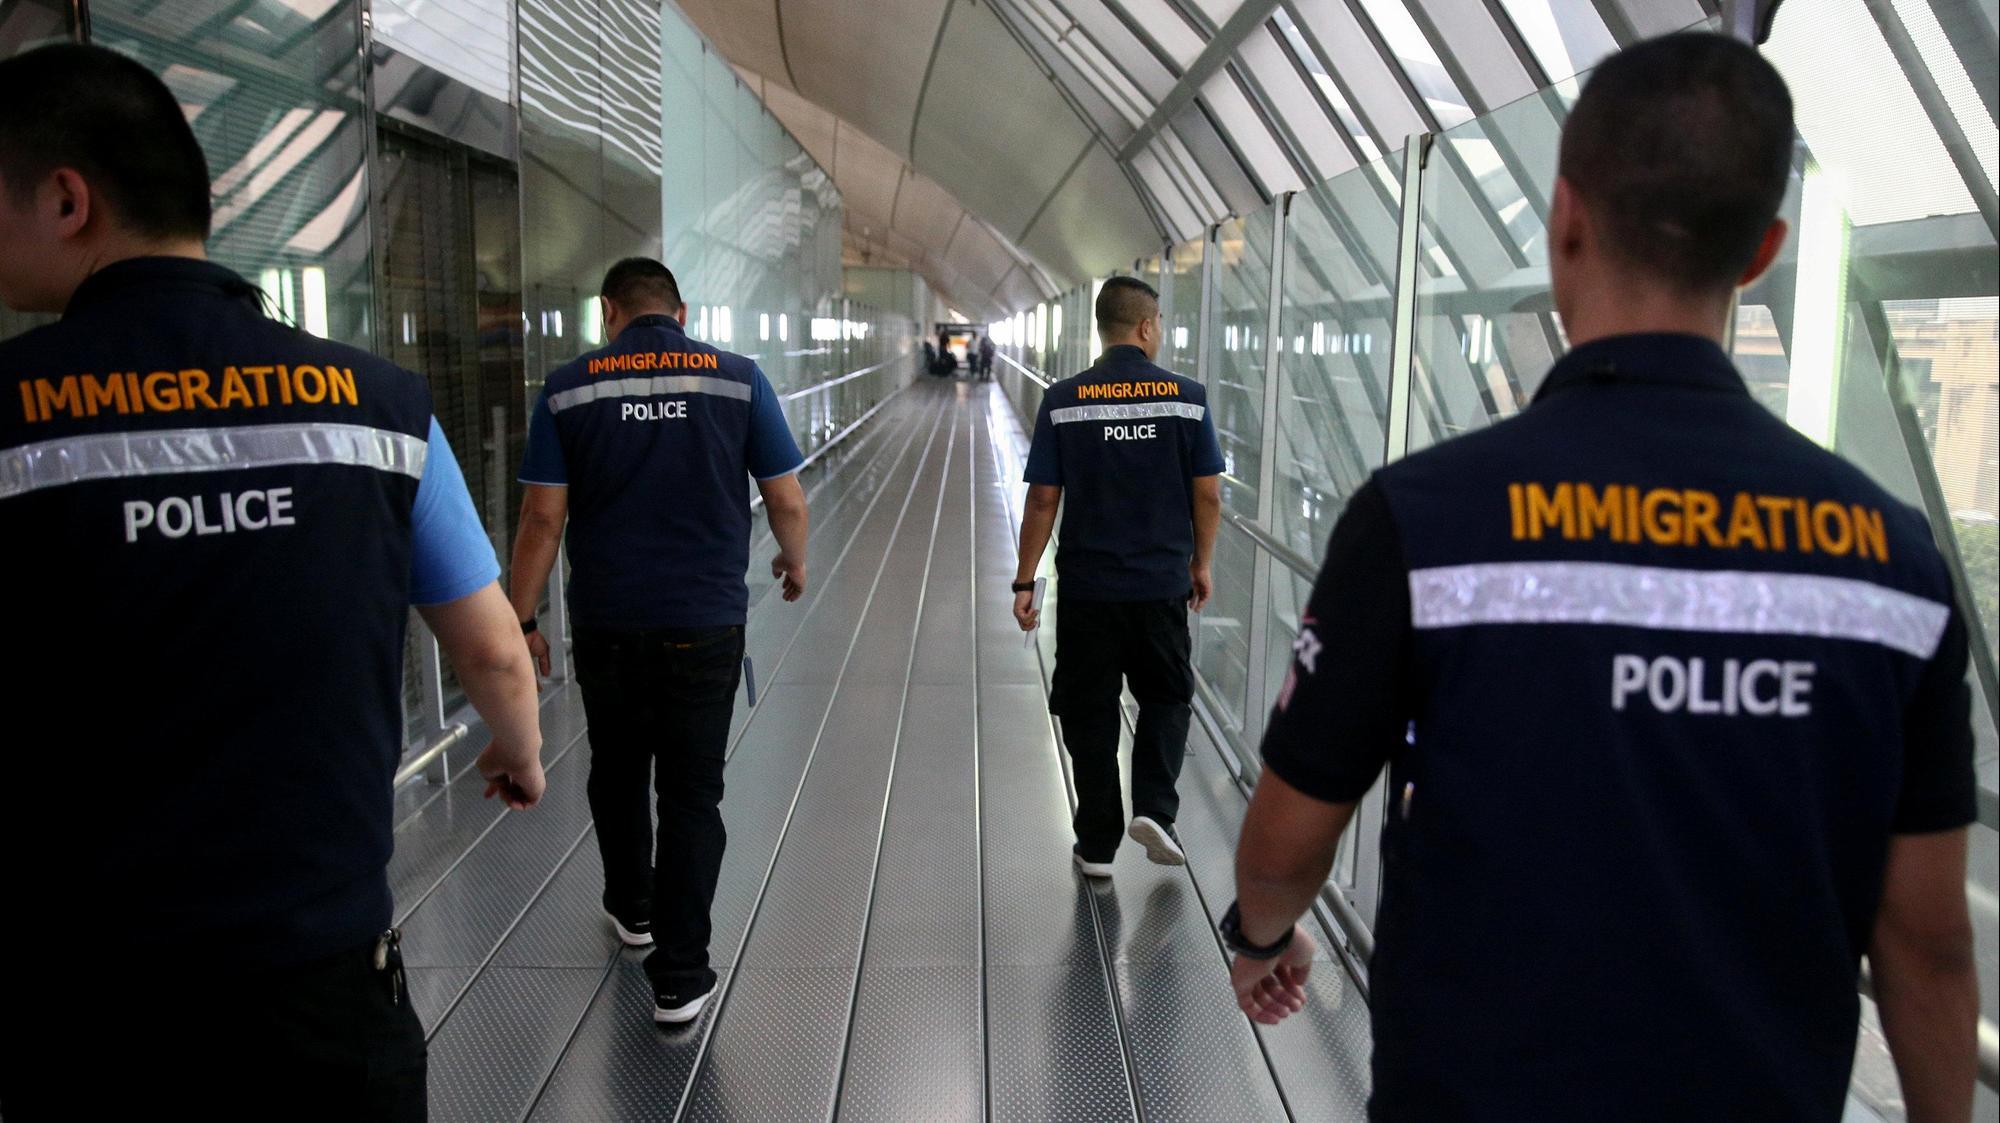 גורמים ברשויות ההגירה של תאילנד בנמל התעופה של בנגקוק, 7 בינואר 2019. רויטרס